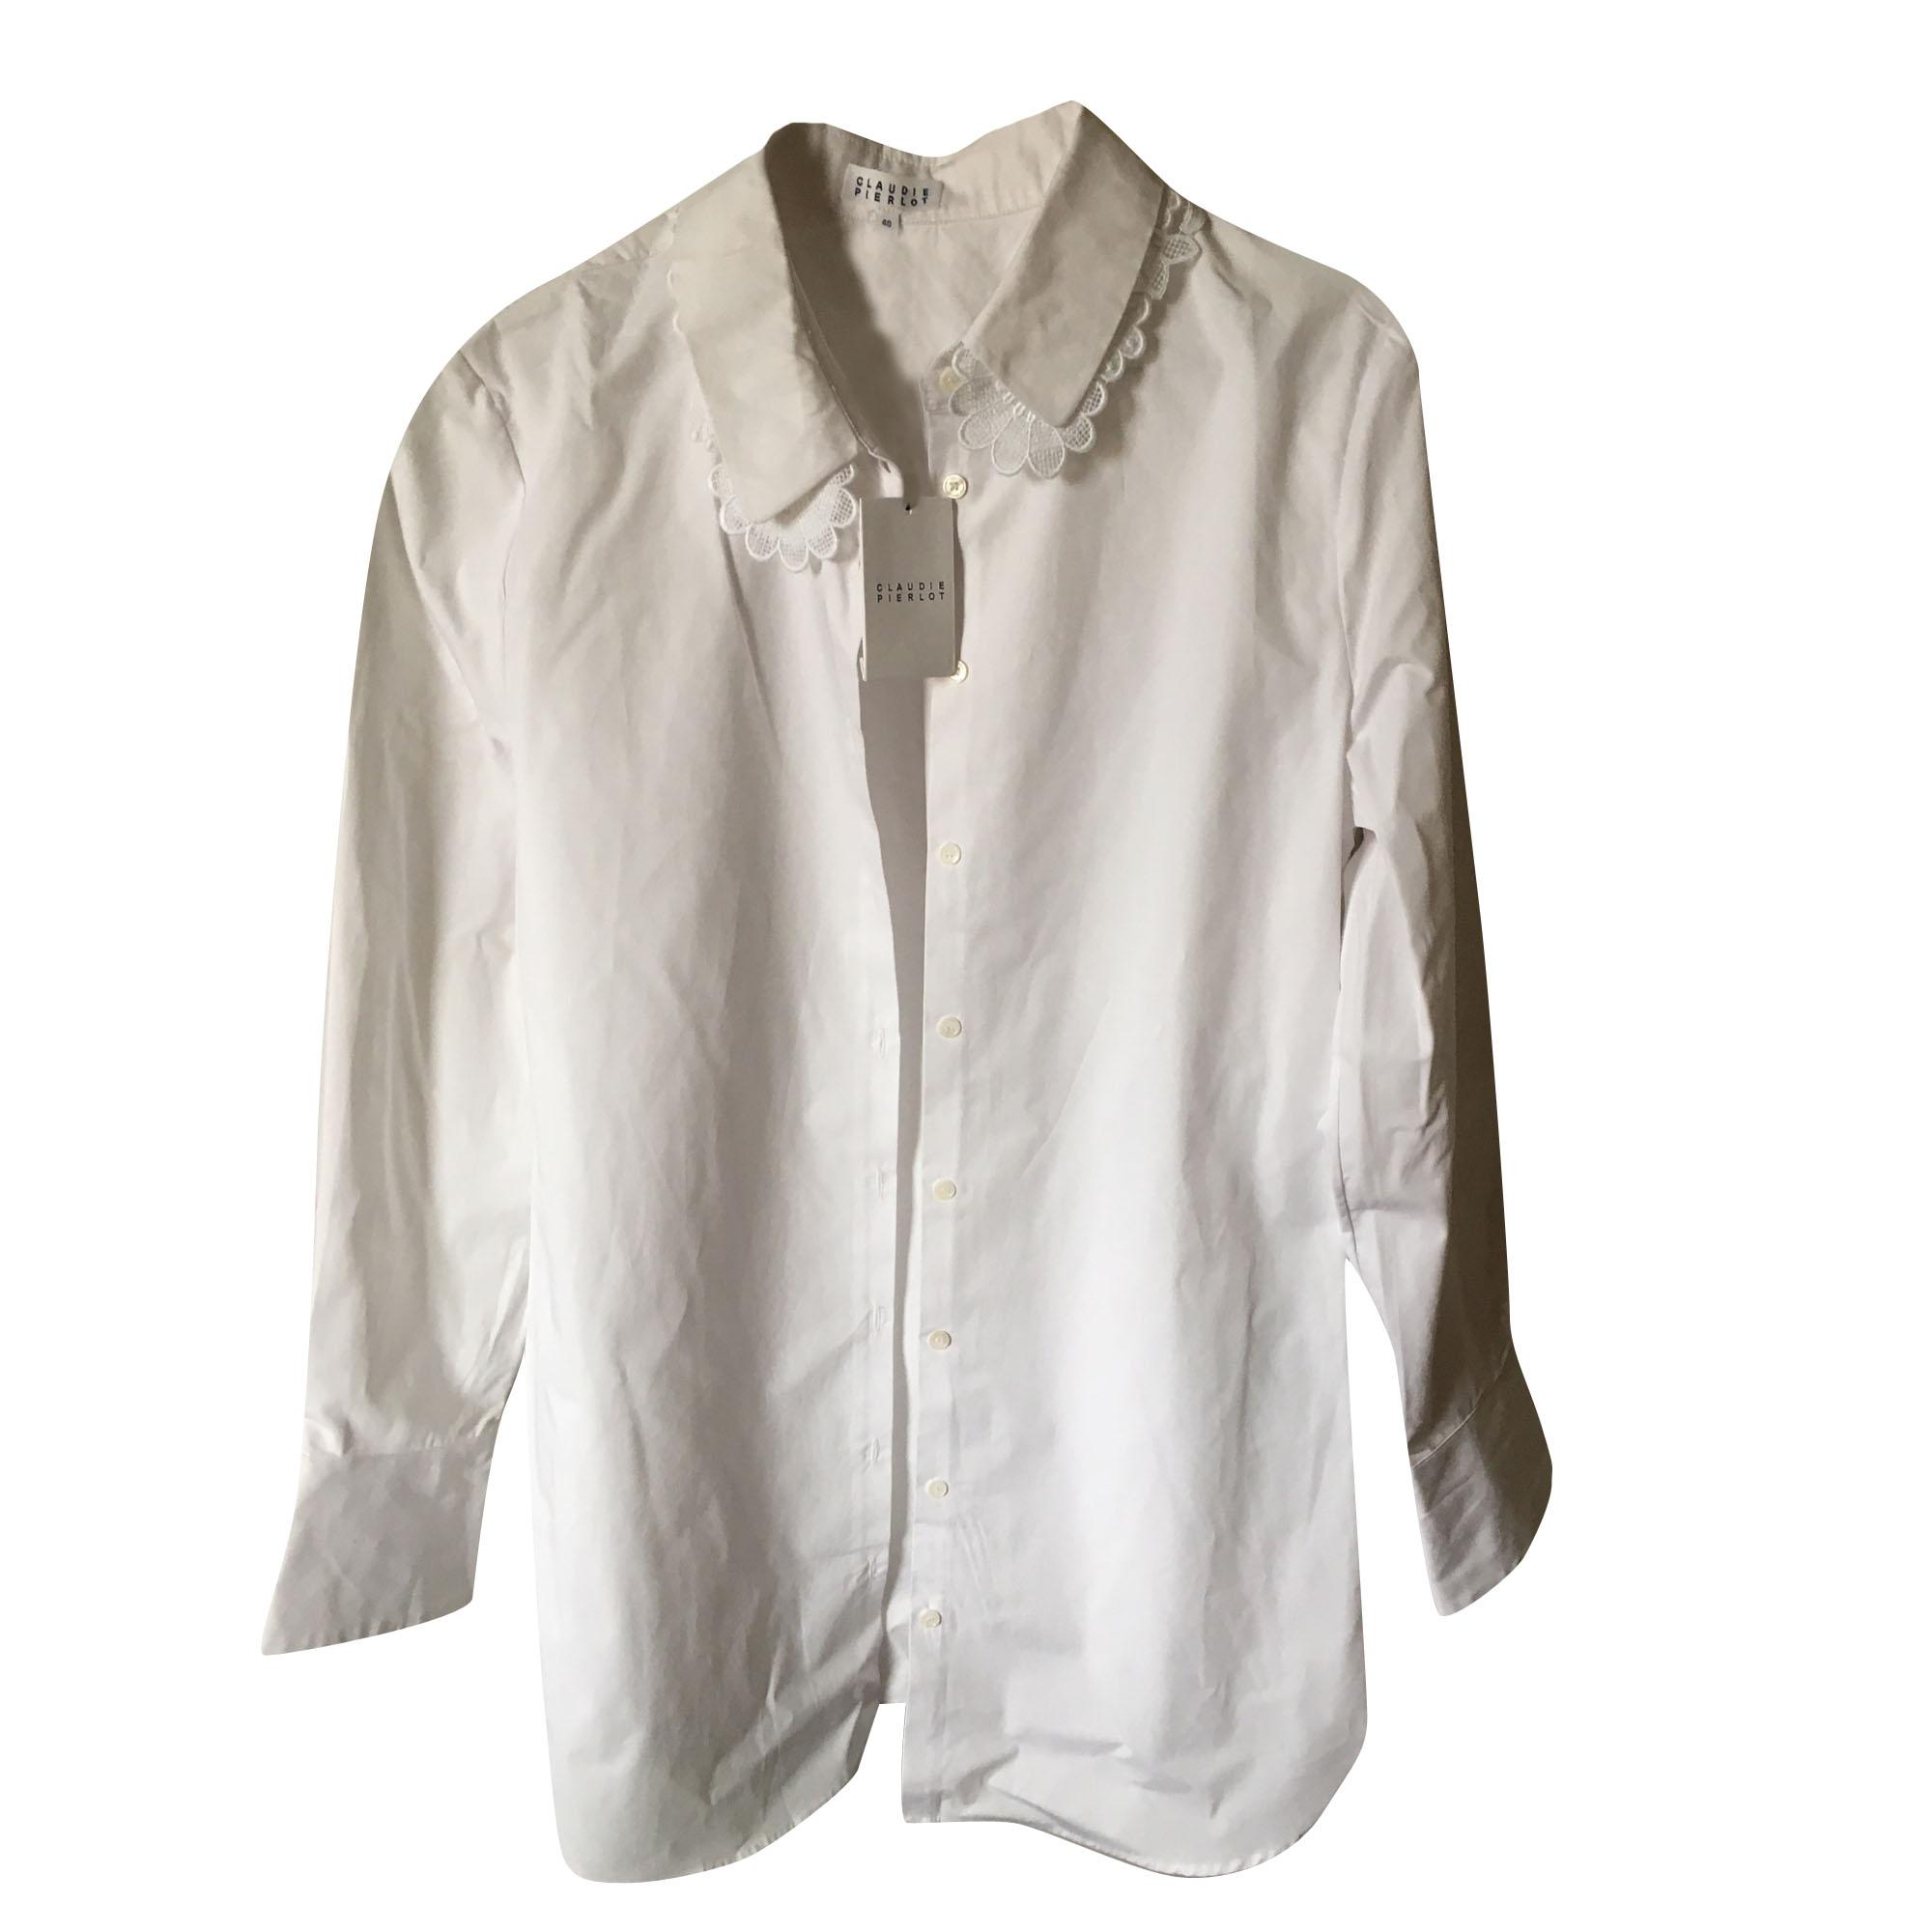 Chemise CLAUDIE PIERLOT 40 (L, T3) blanc vendu par Vend69 - 7387654 fba65c7aedd7